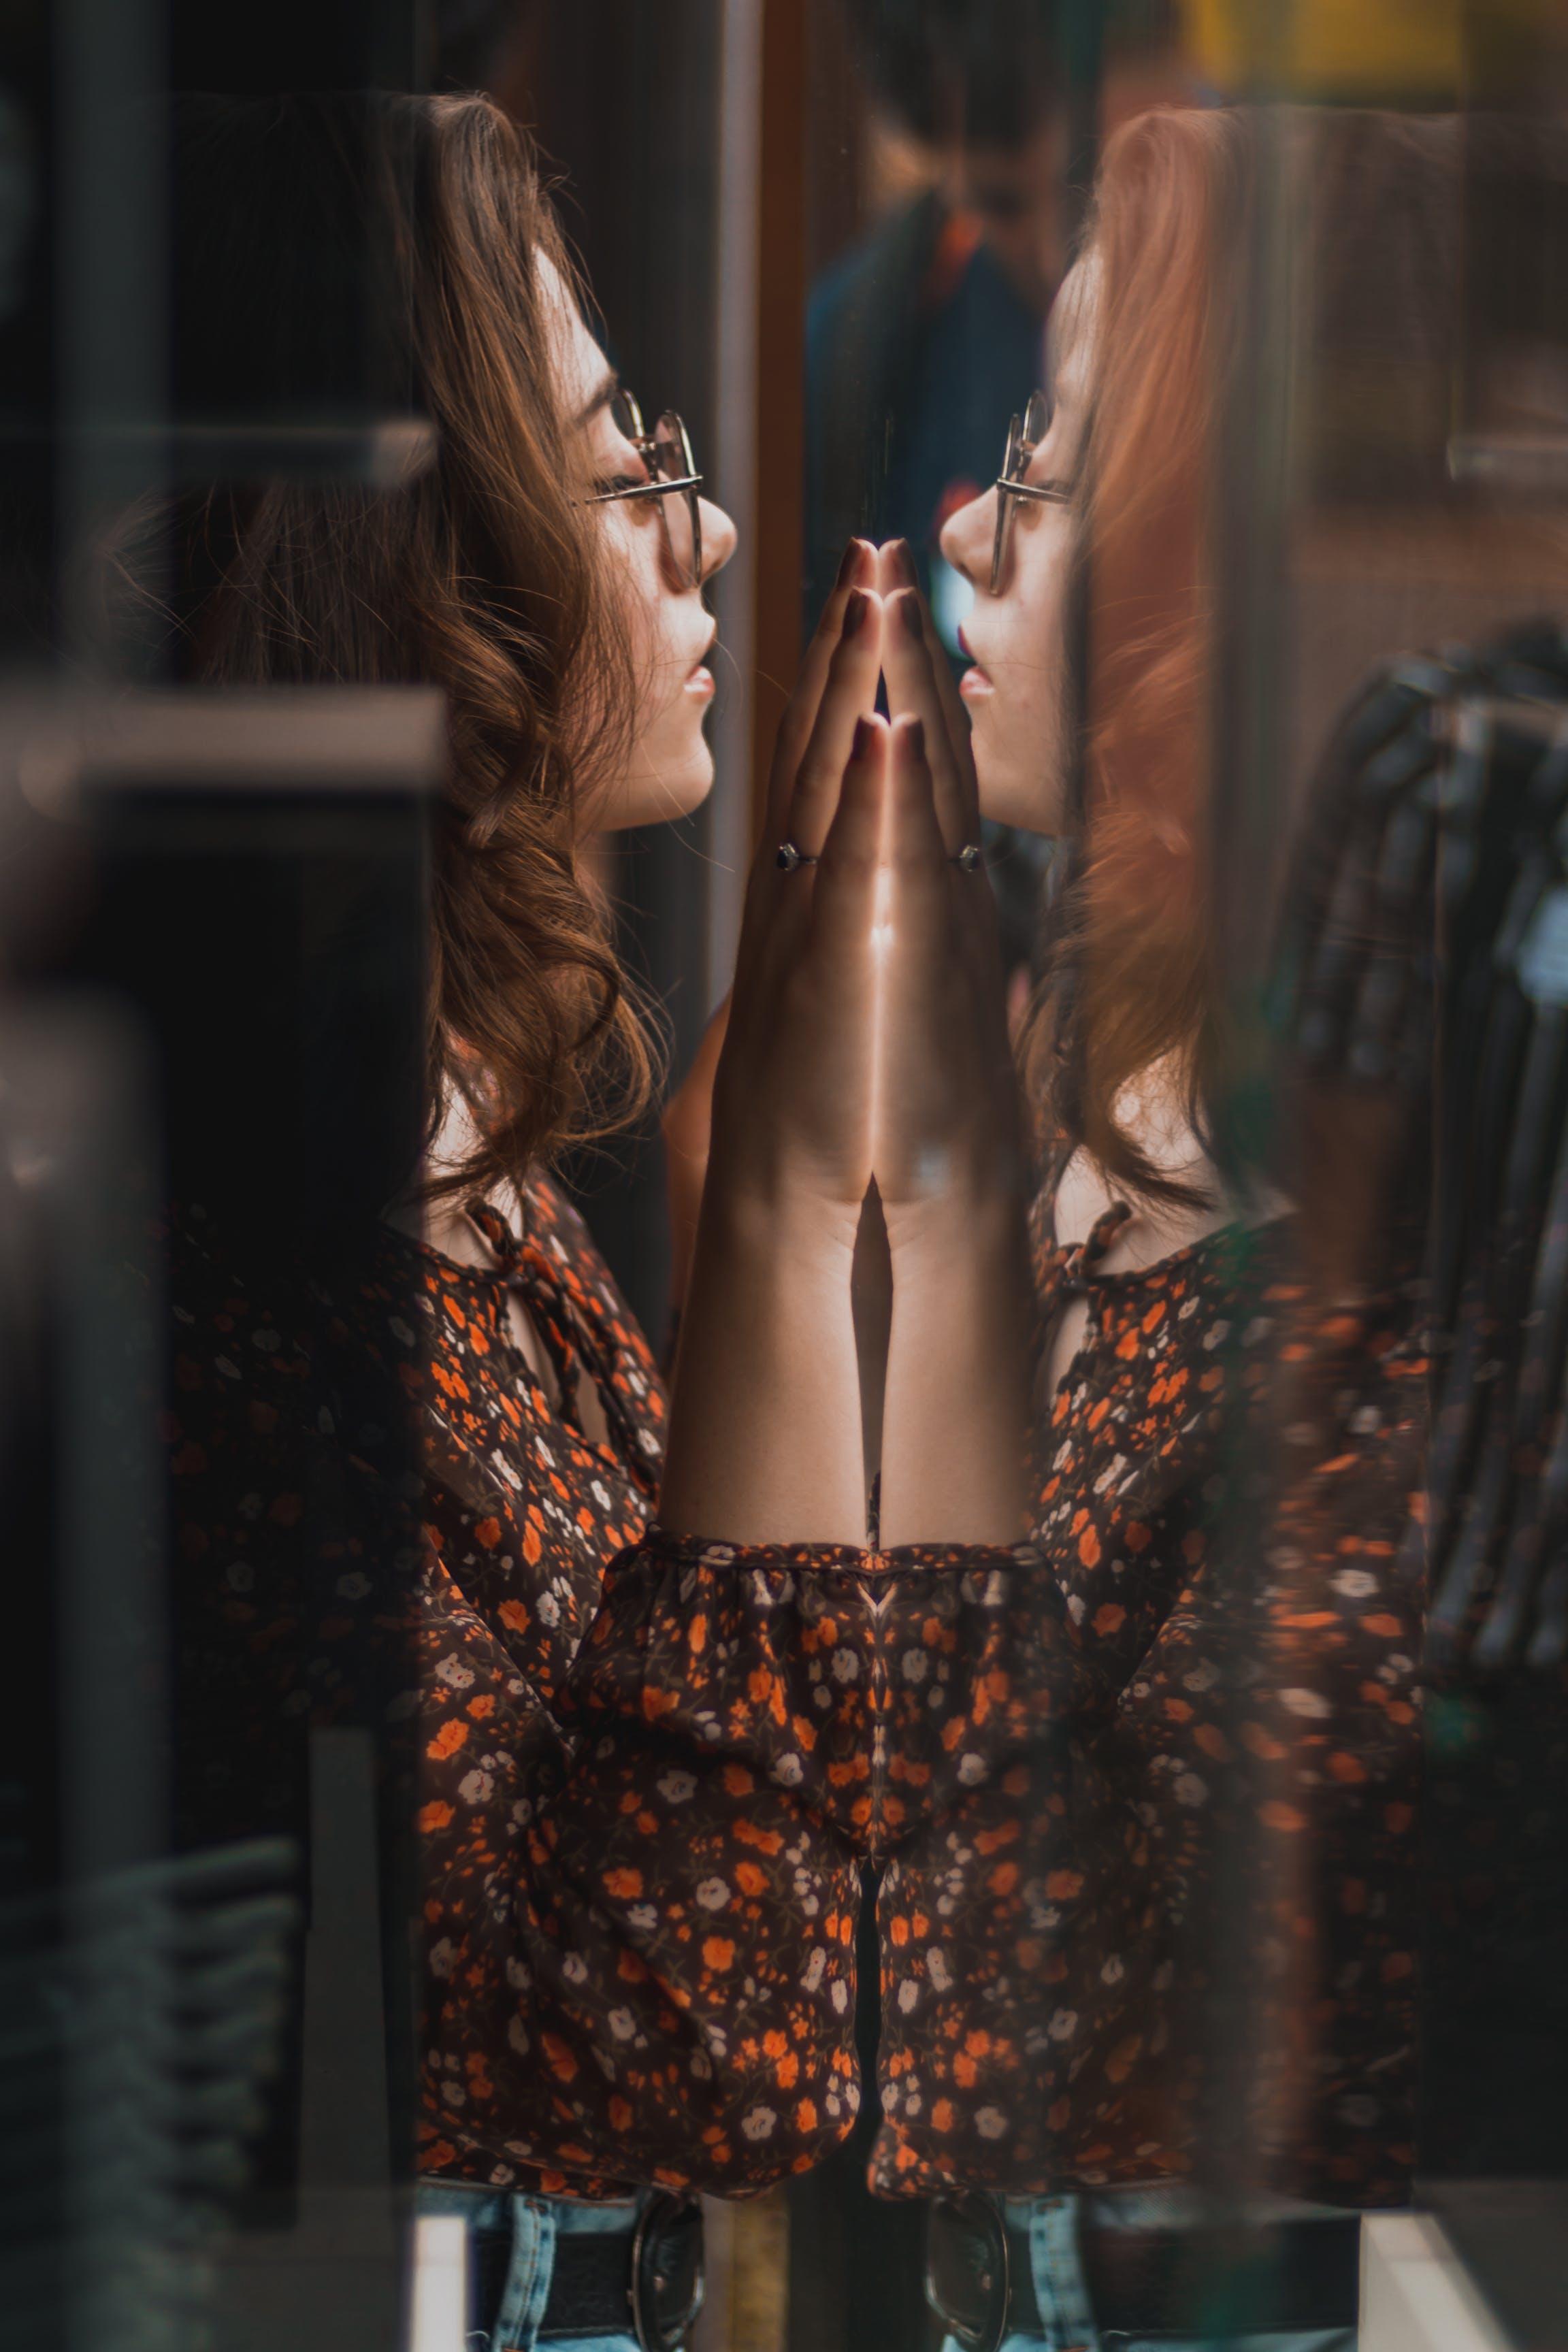 インドア, ガラス, スタイル, ドレスの無料の写真素材